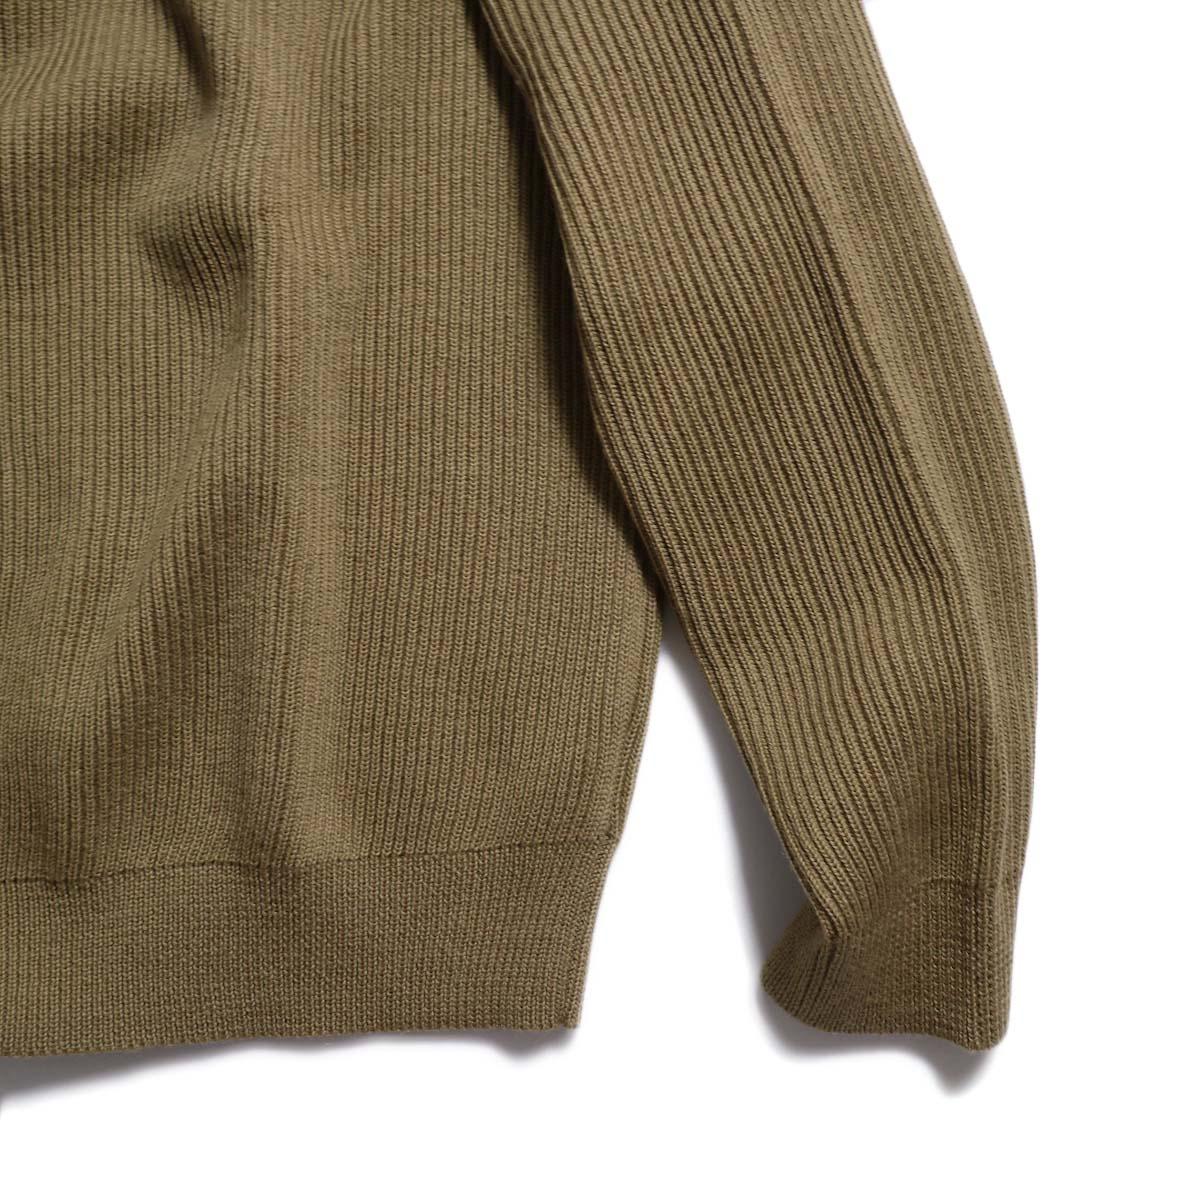 Living Concept / LOW GAUZE TURTLENECK KNIT -BEIGE  裾